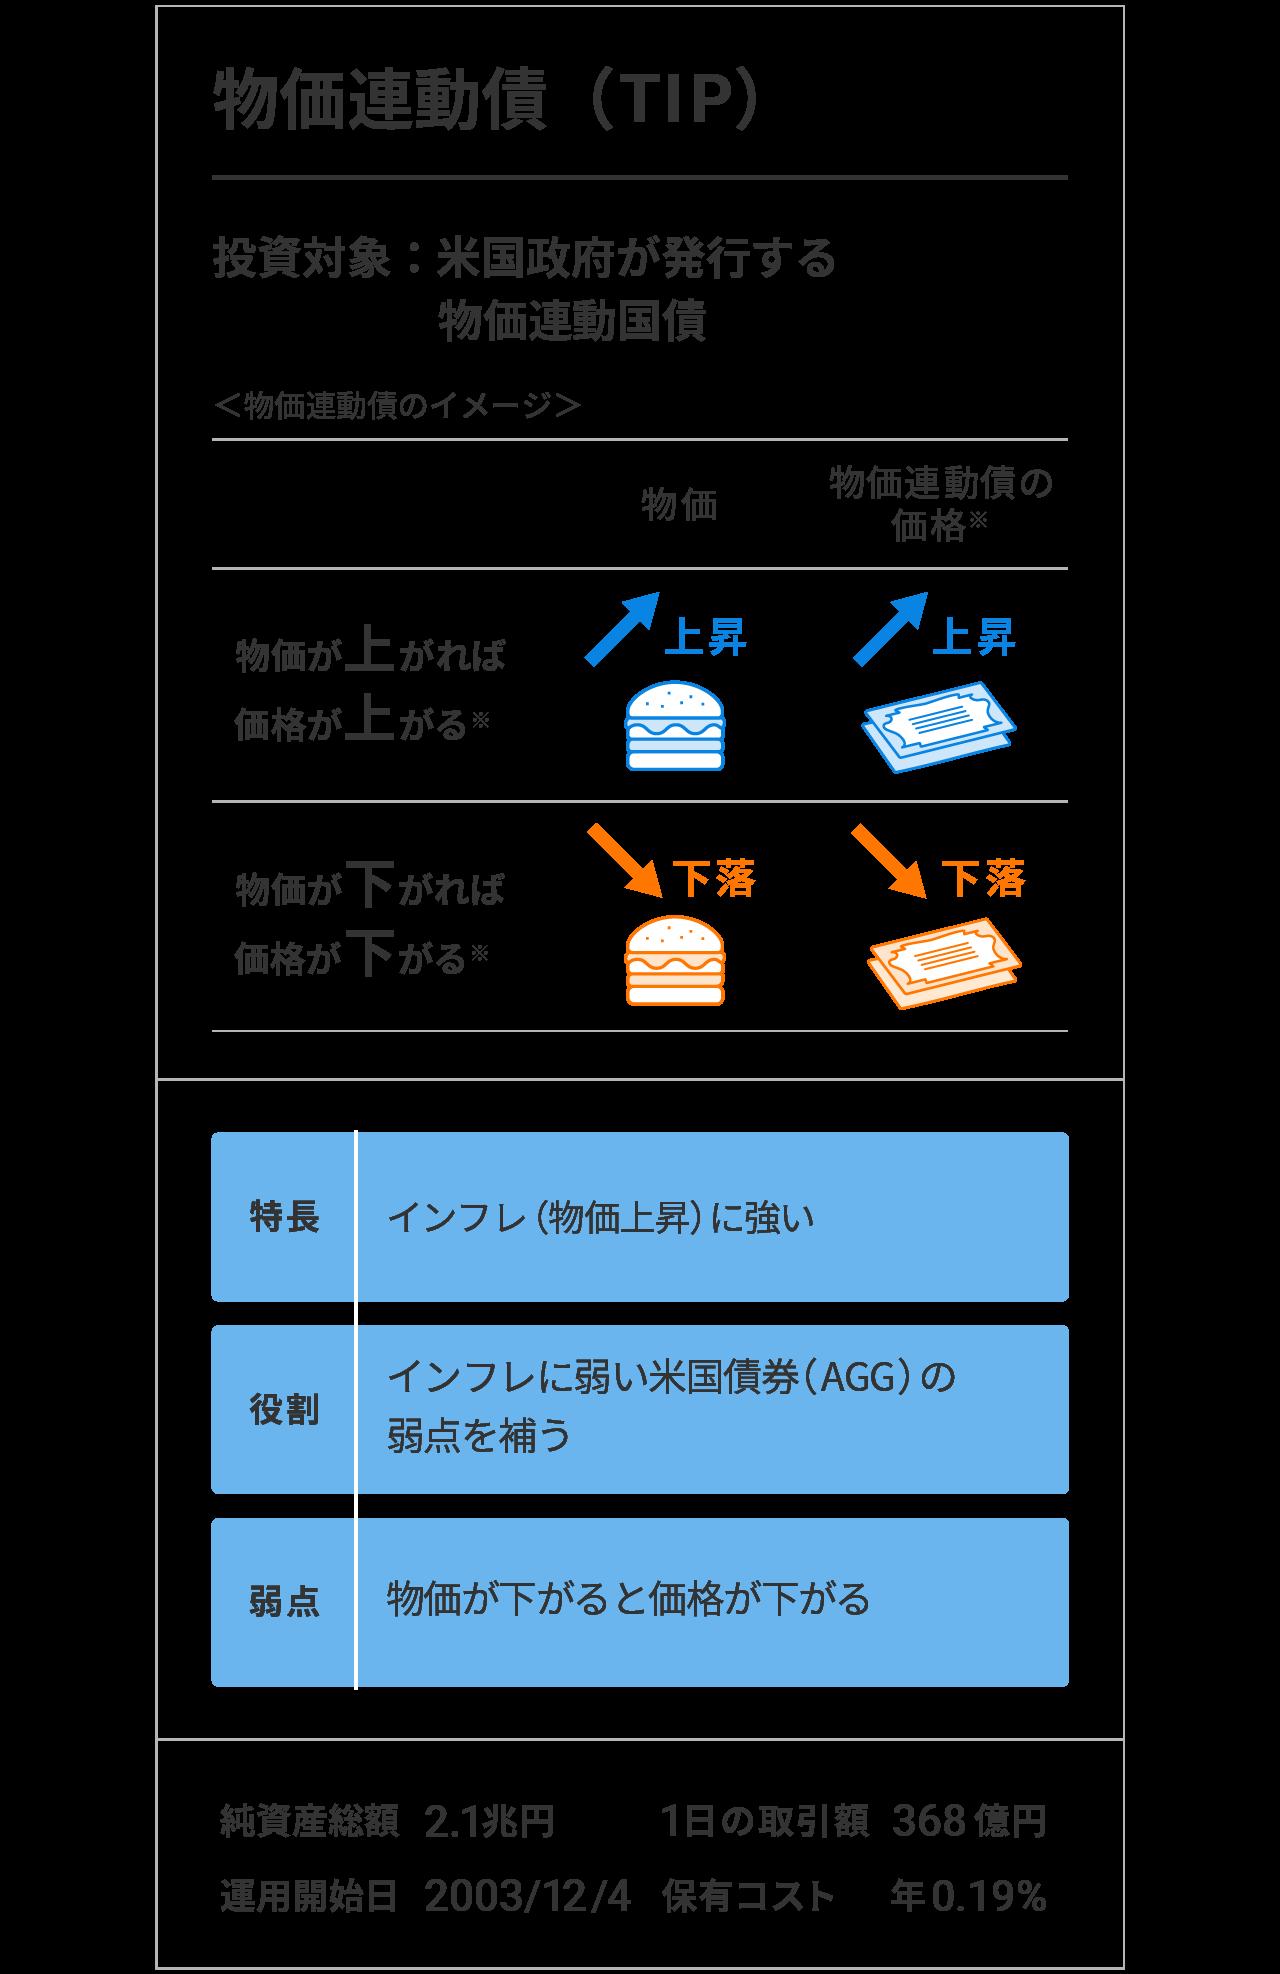 物価連動債(TIP)